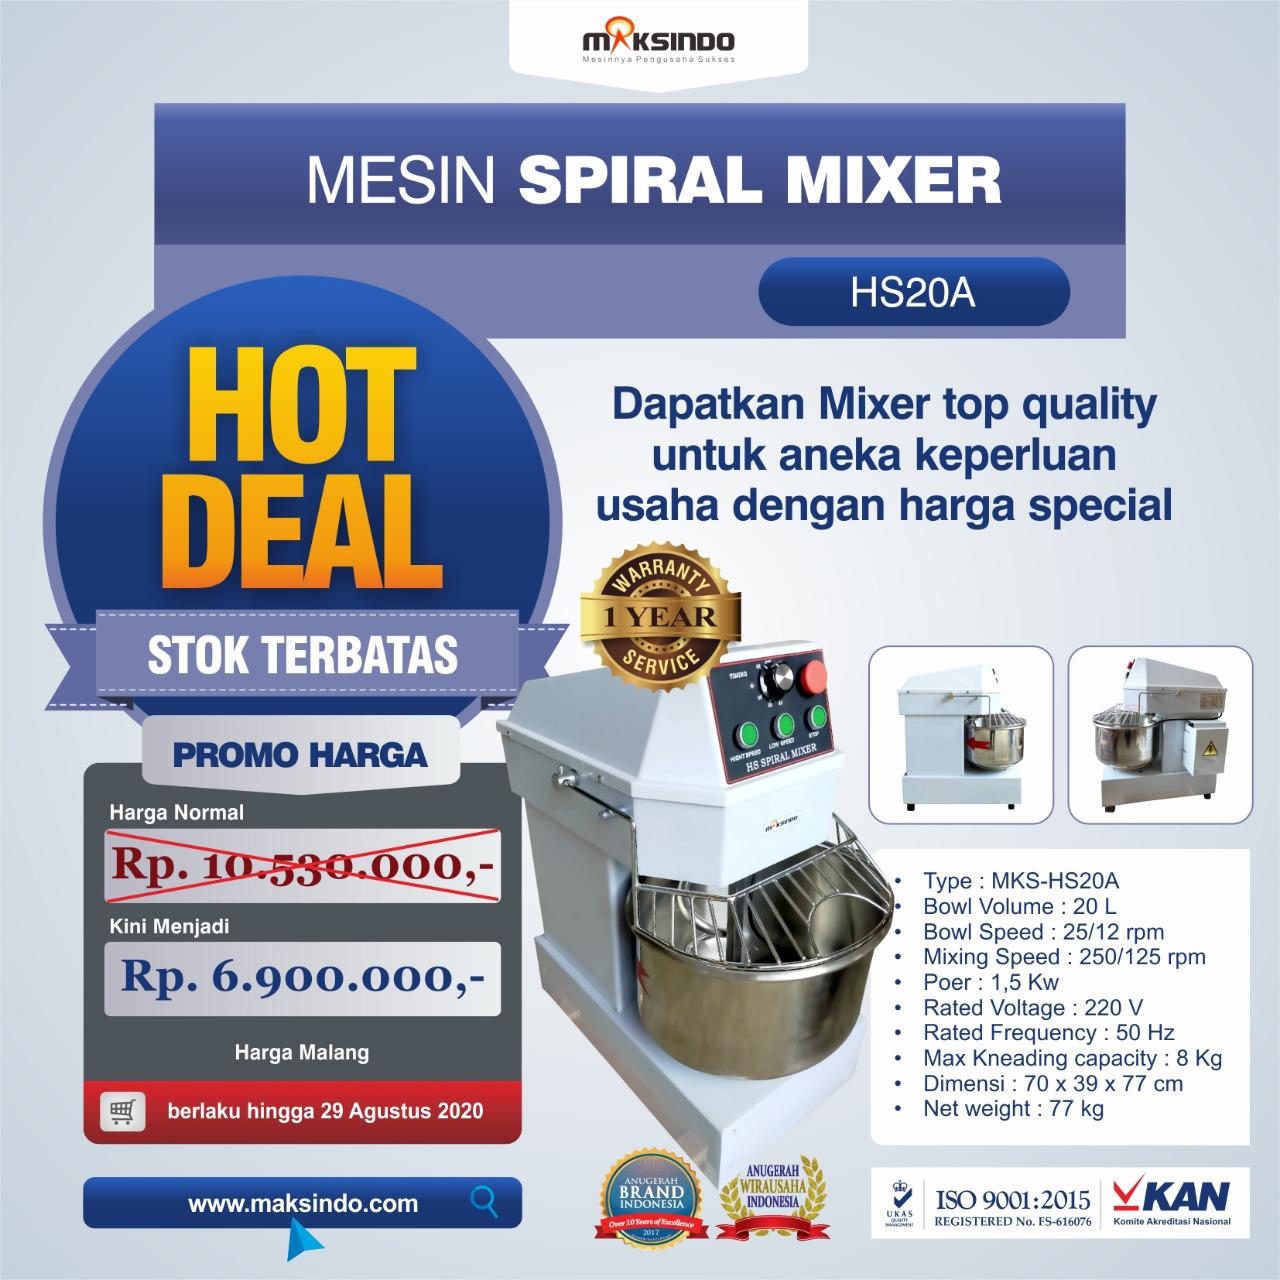 Jual Mesin Mixer Roti SPIRAL MKS-HS20A di Bekasi